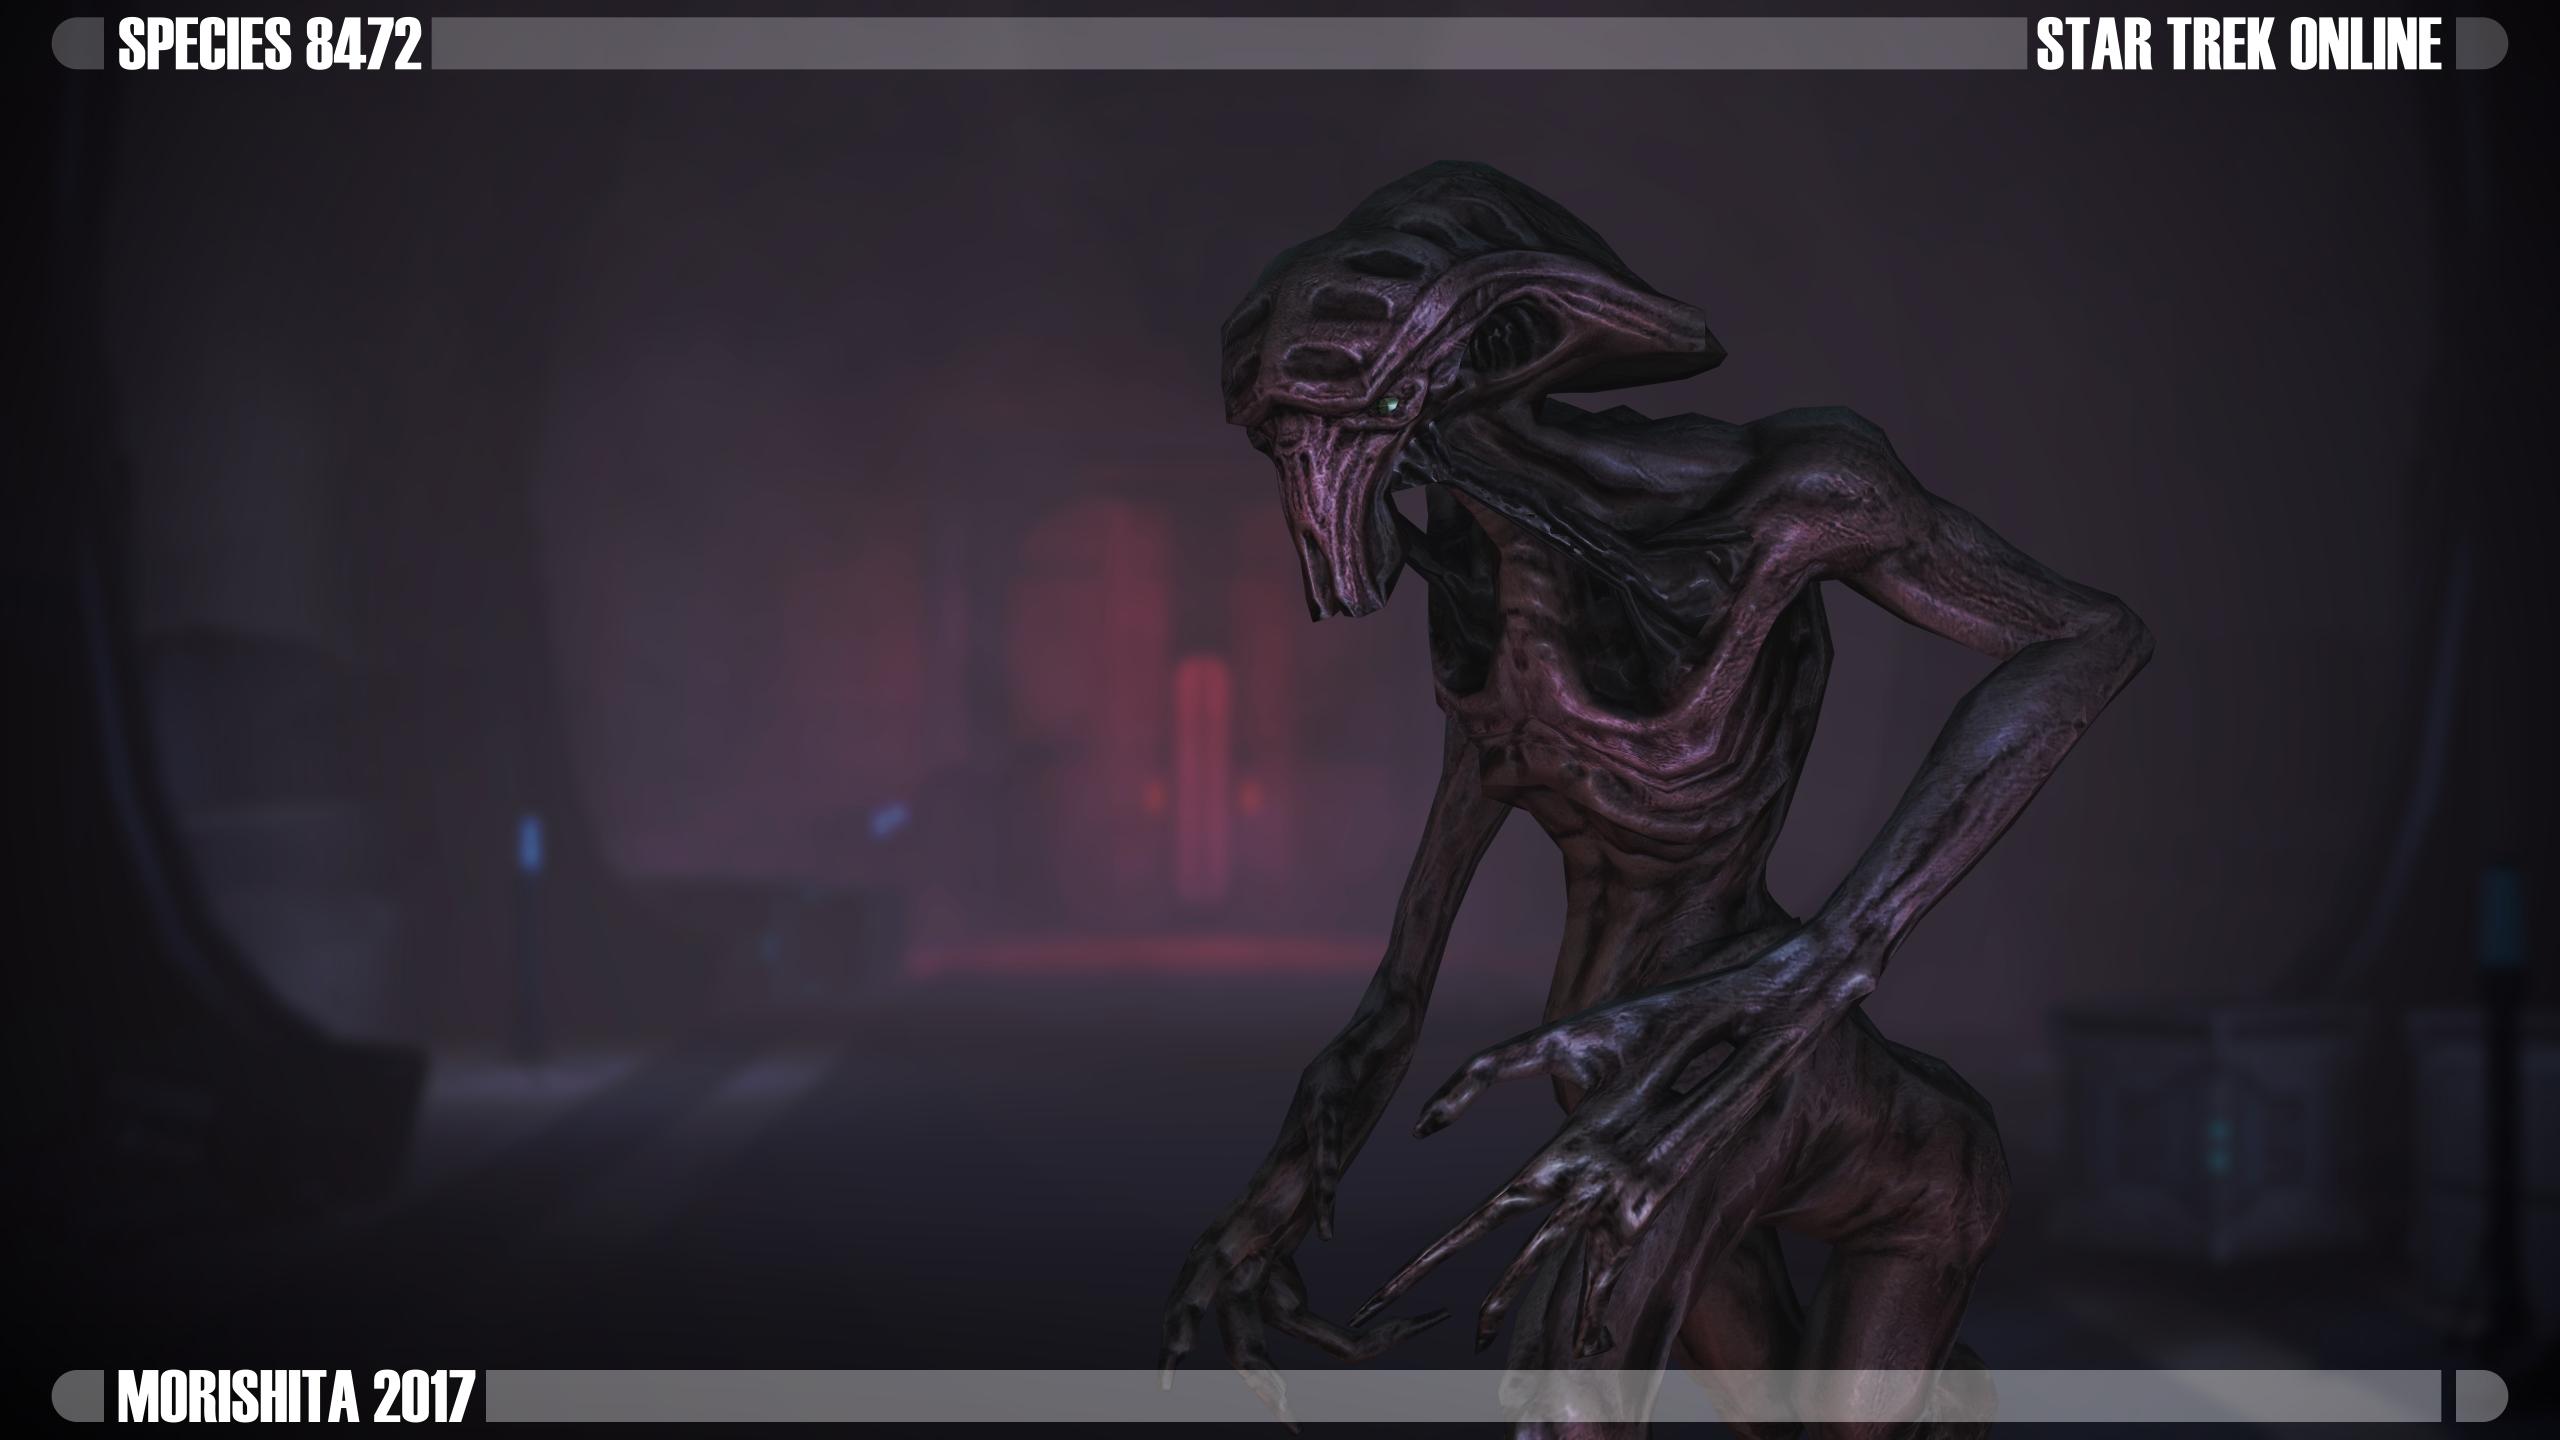 Species 8472 #001